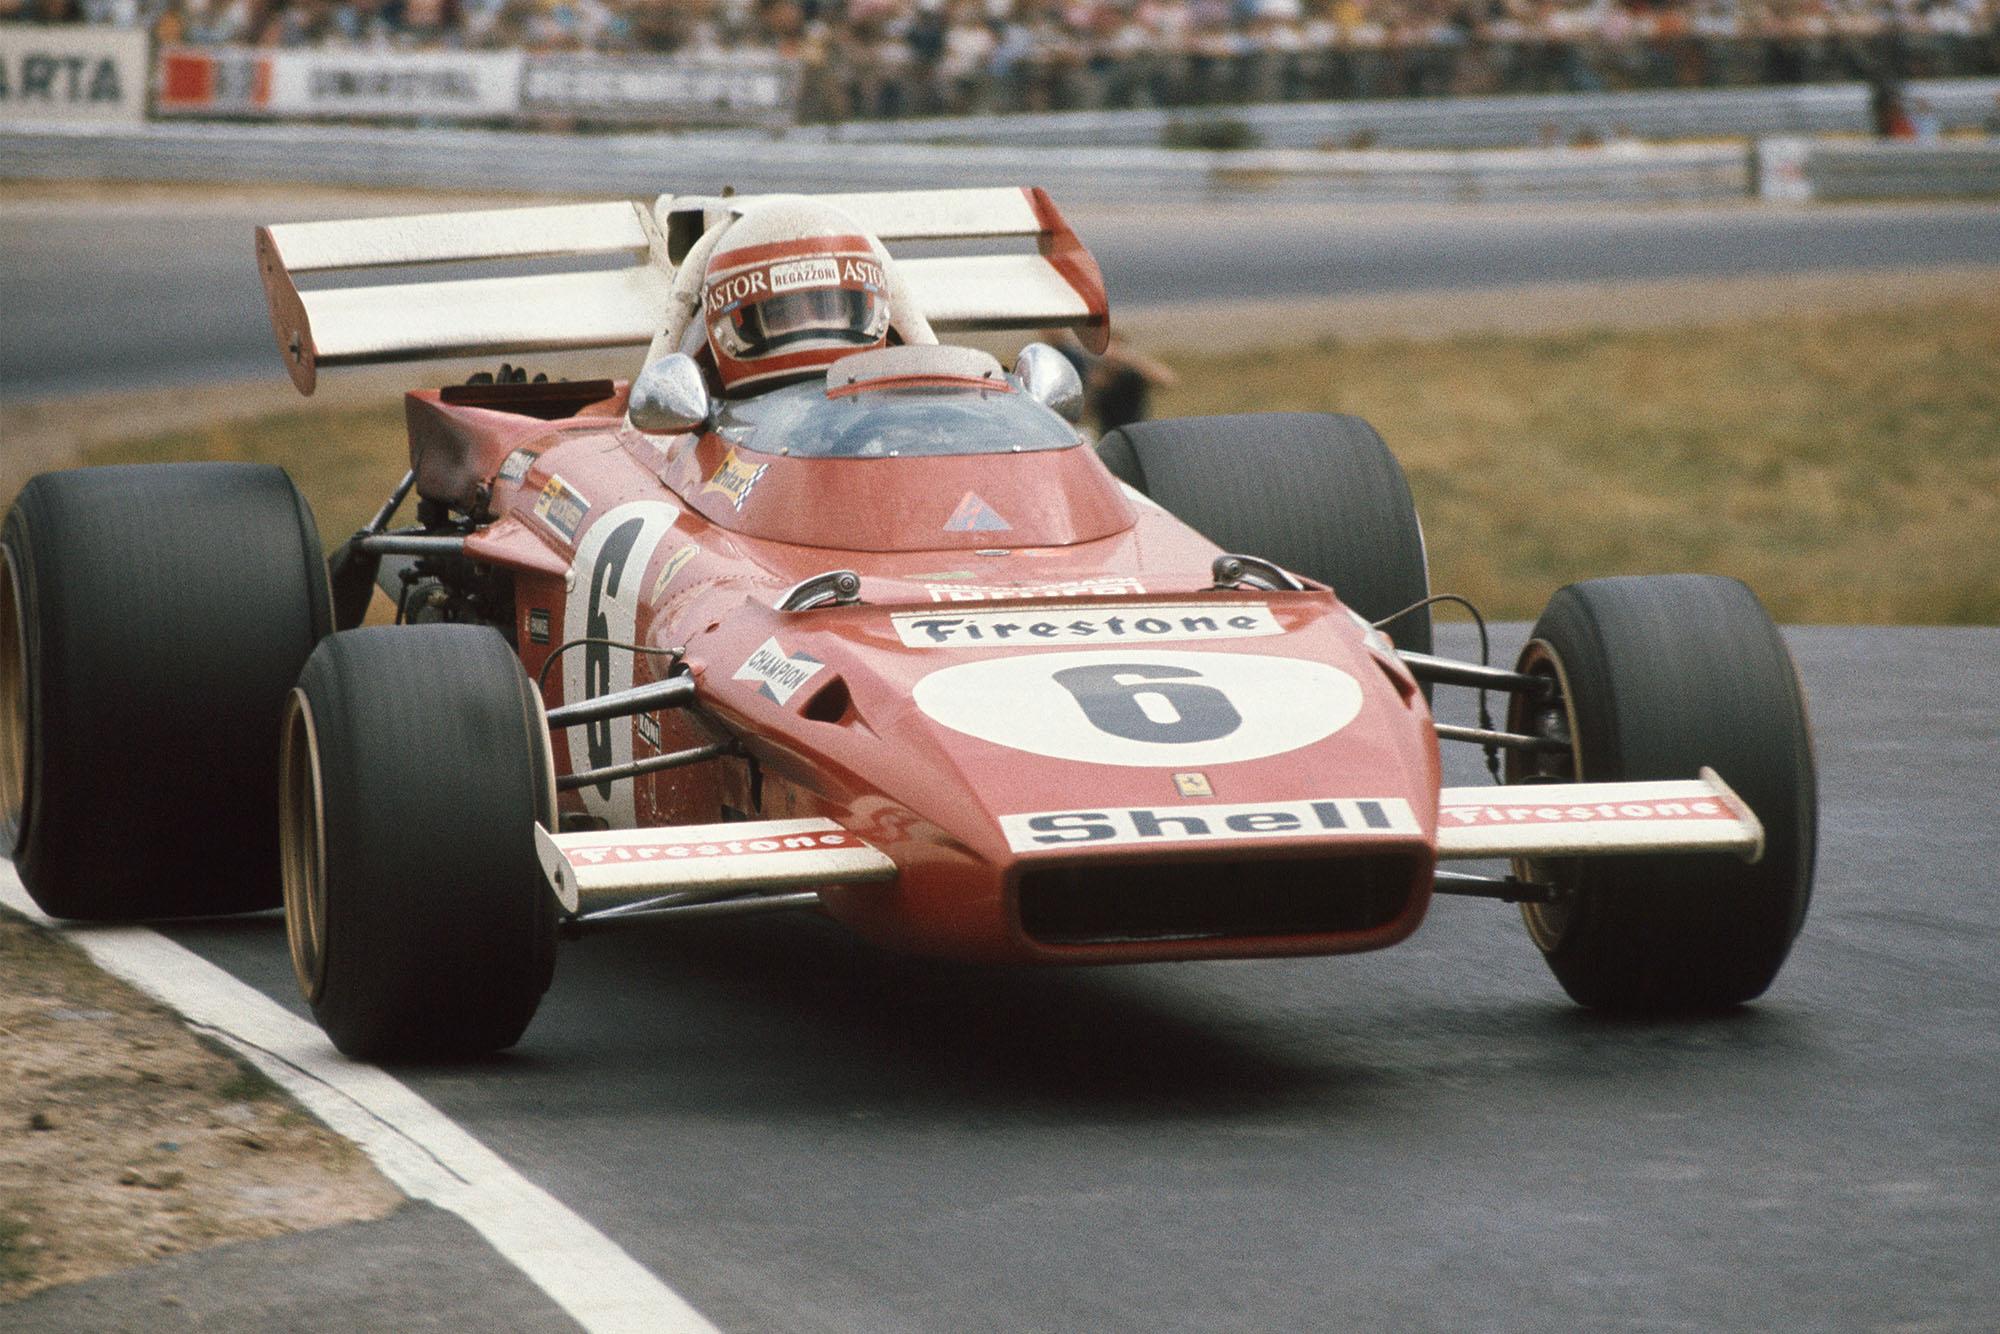 Clay Regazzoni driving his Ferrai at the 1971 German Grand Prix